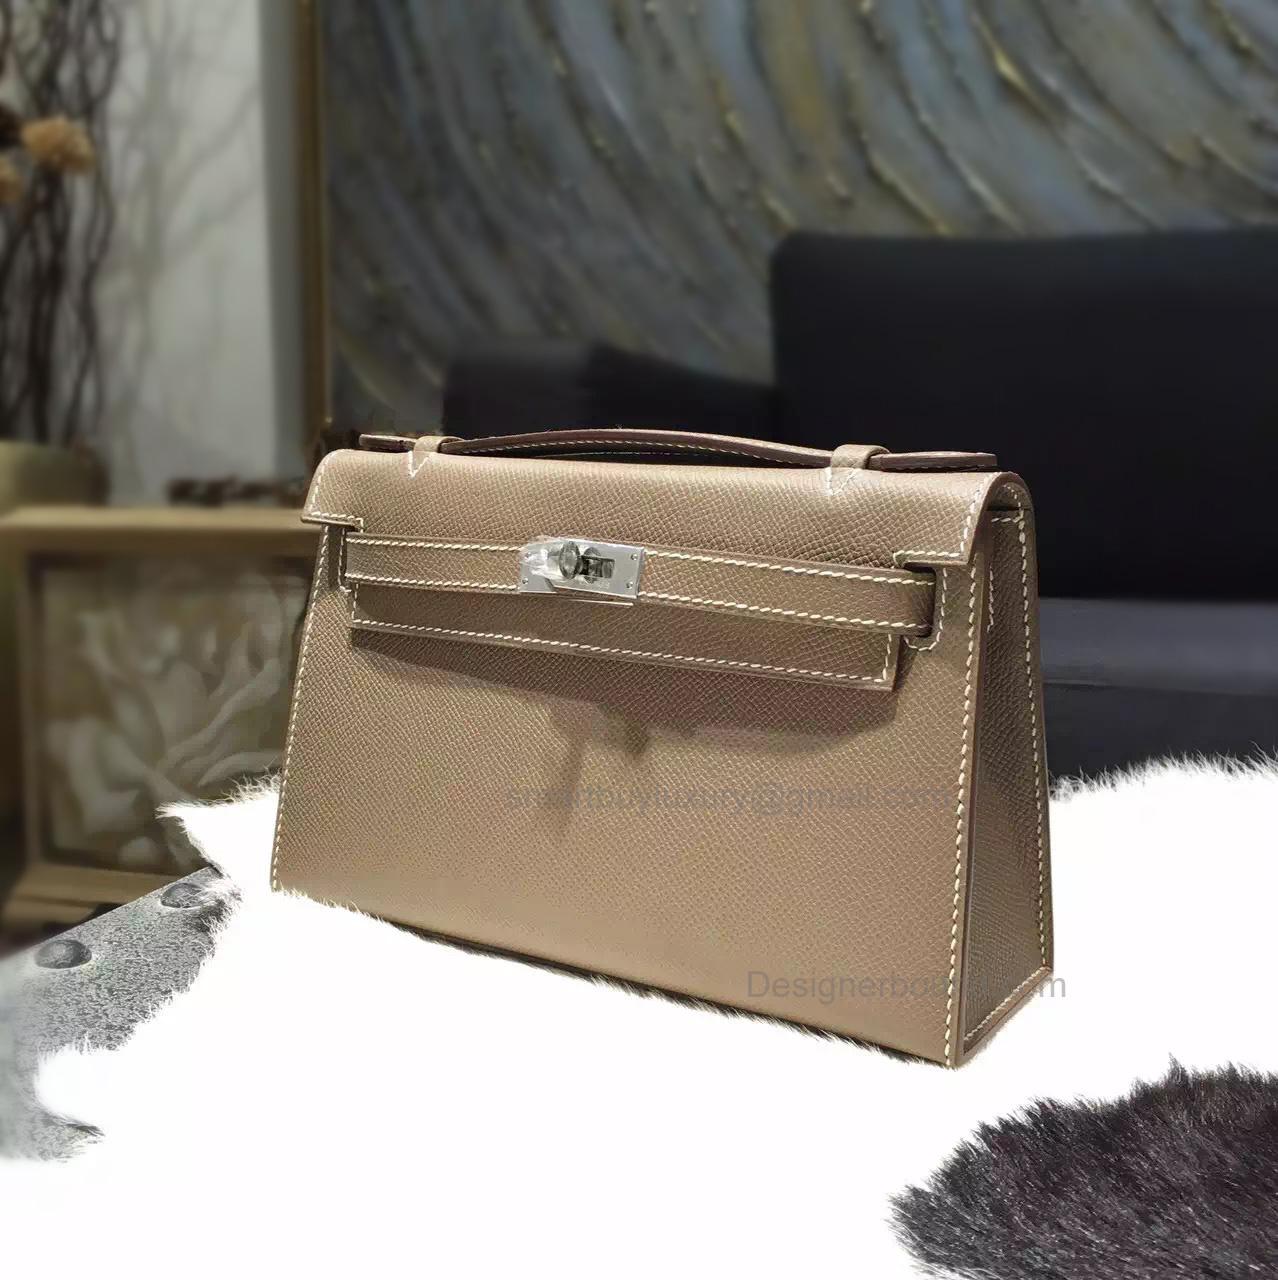 1681718c93d0b Handmade Hermes Mini Kelly 22 Pochette Bag in ck18 Etoupe Epsom Calfskin PHW